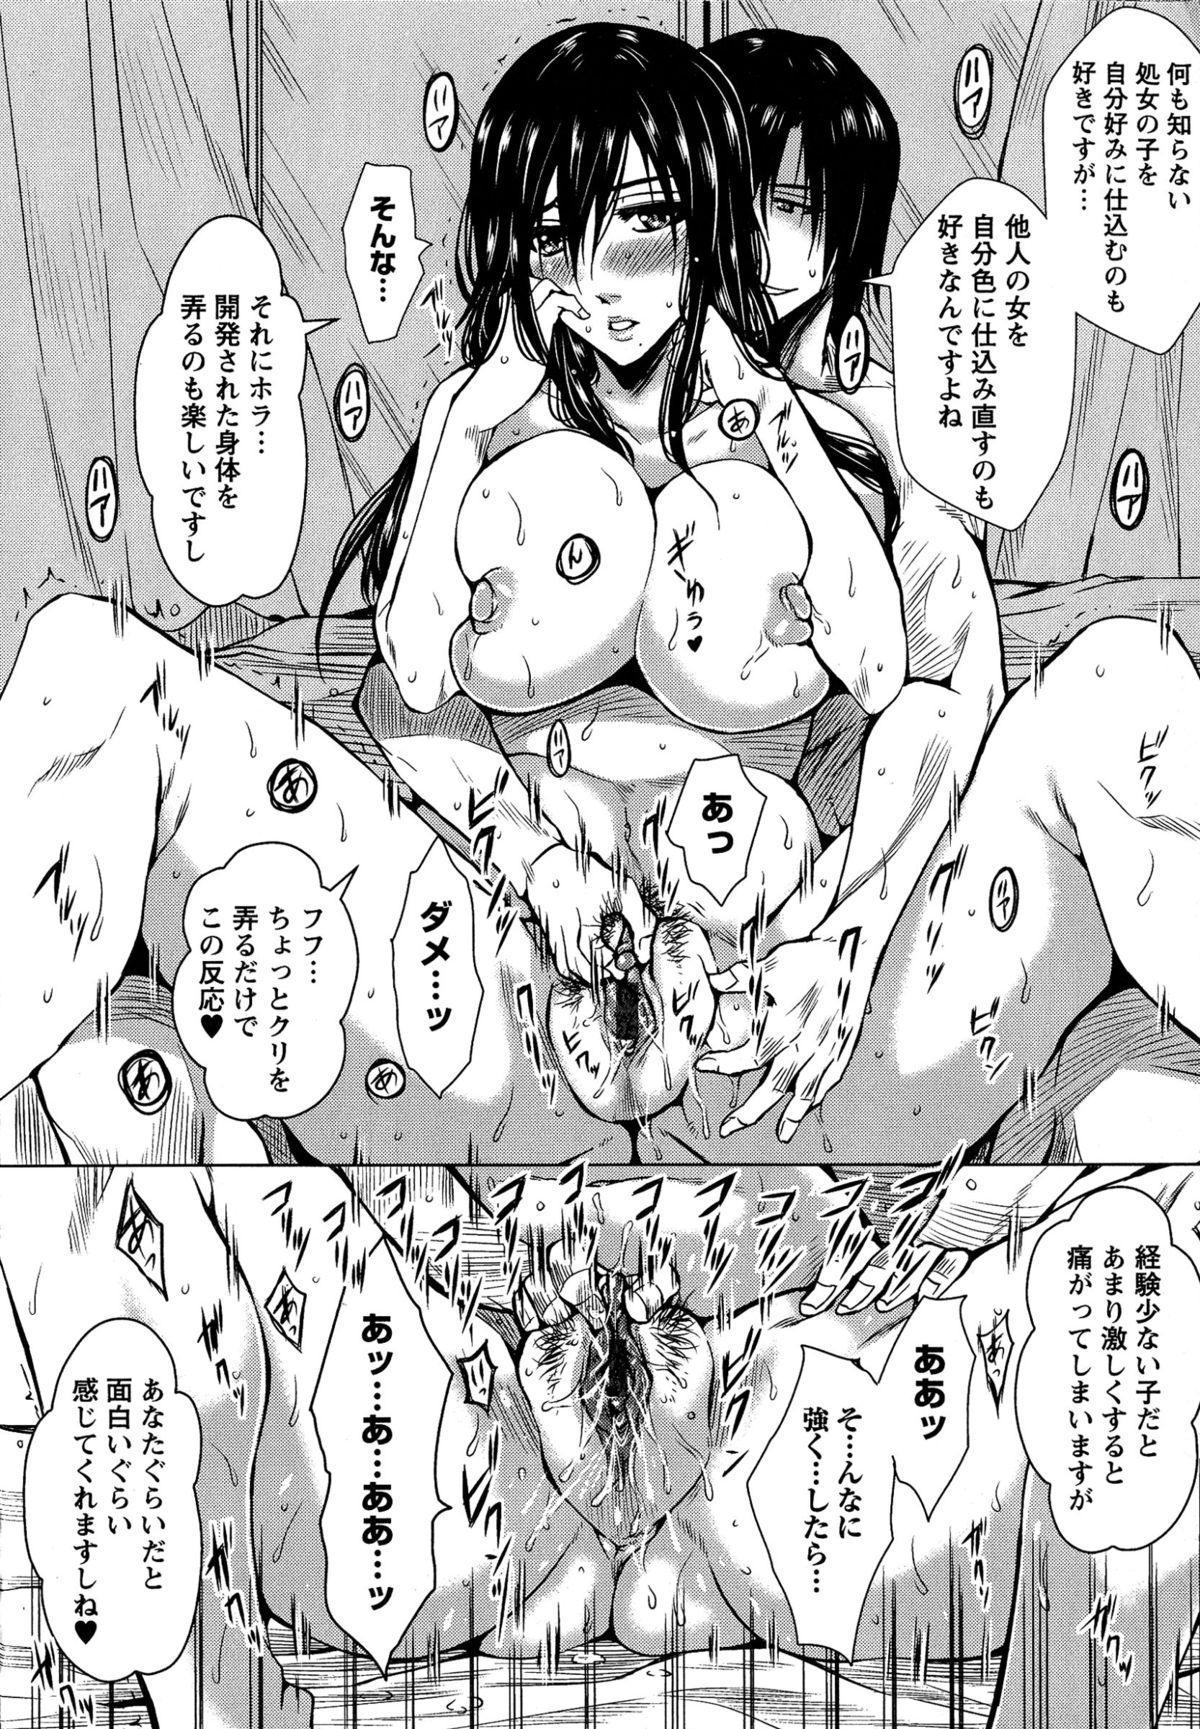 Seishori Kazoku 20